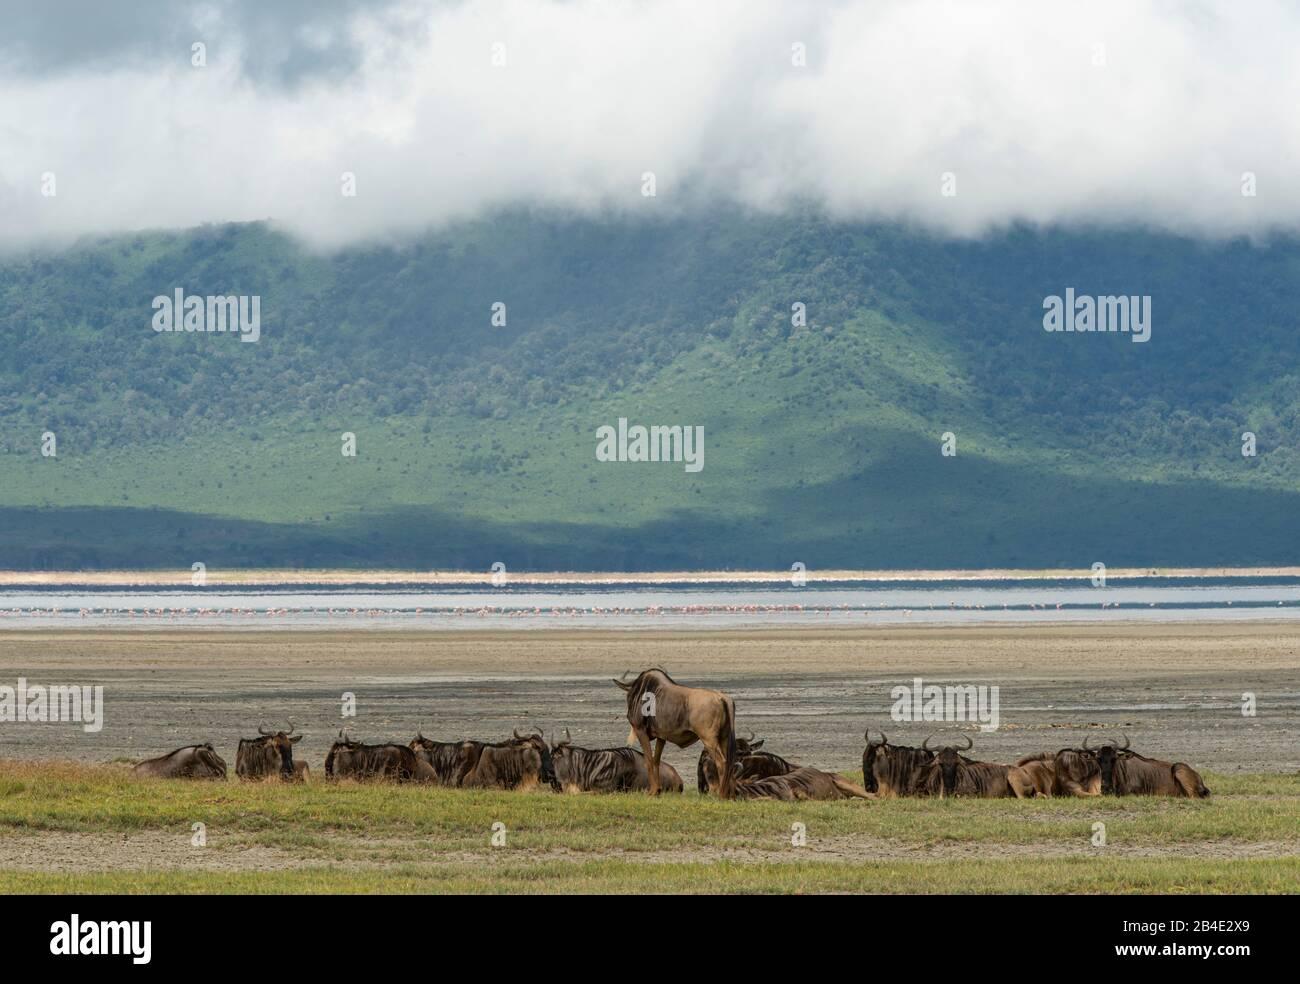 Un safari in piedi, tenda e jeep attraverso la Tanzania settentrionale alla fine della stagione delle piogge nel mese di maggio. Parchi Nazionali Serengeti, Ngorongoro Crater, Tarangire, Arusha E Lago Manyara. Hotel A Ngorongoro Crater. Foto Stock